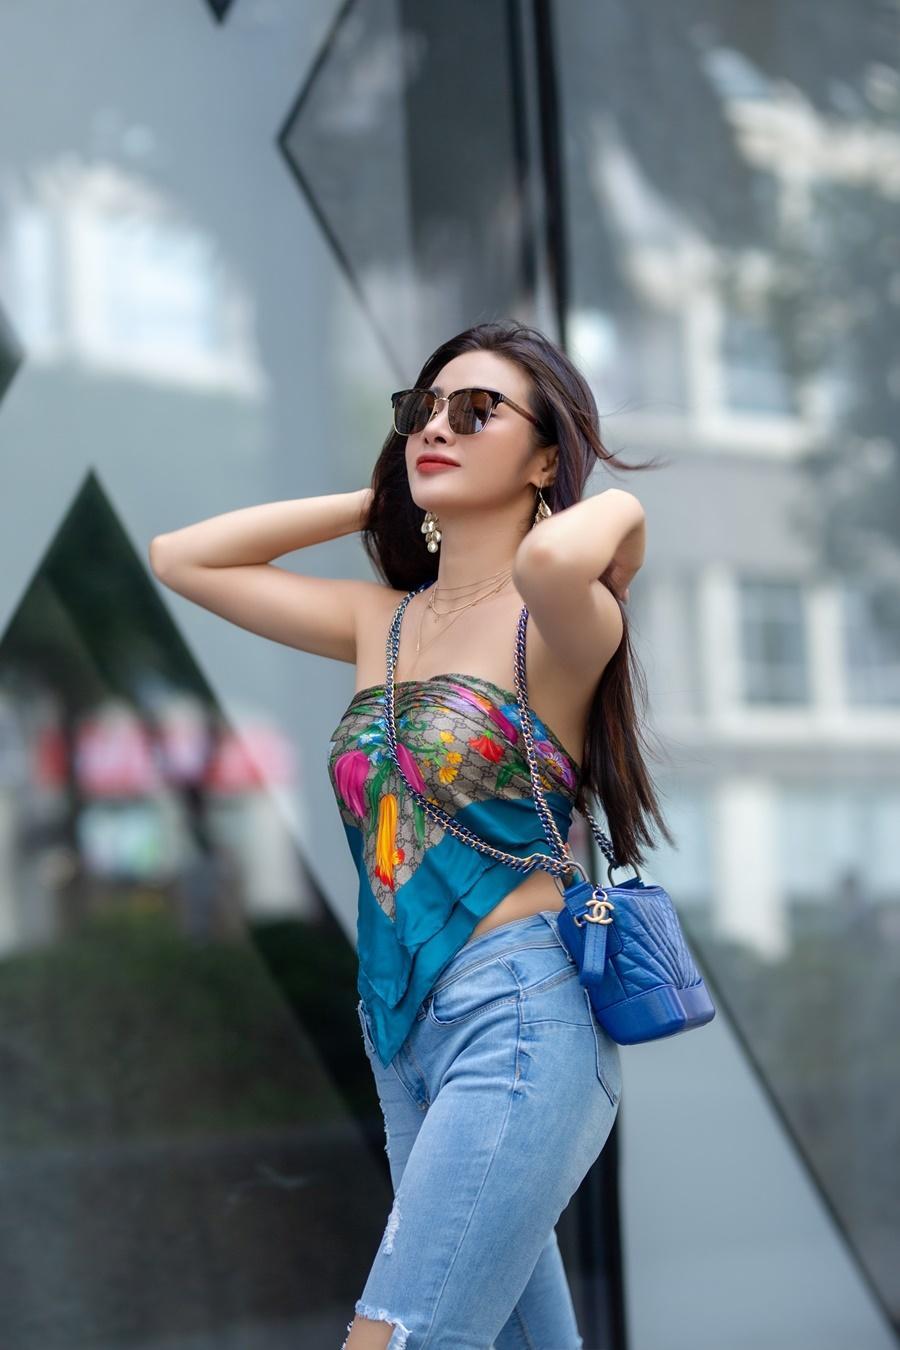 Yaya Trương Nhi dùng khăn thay áo, sexy dạo phố Ảnh 1